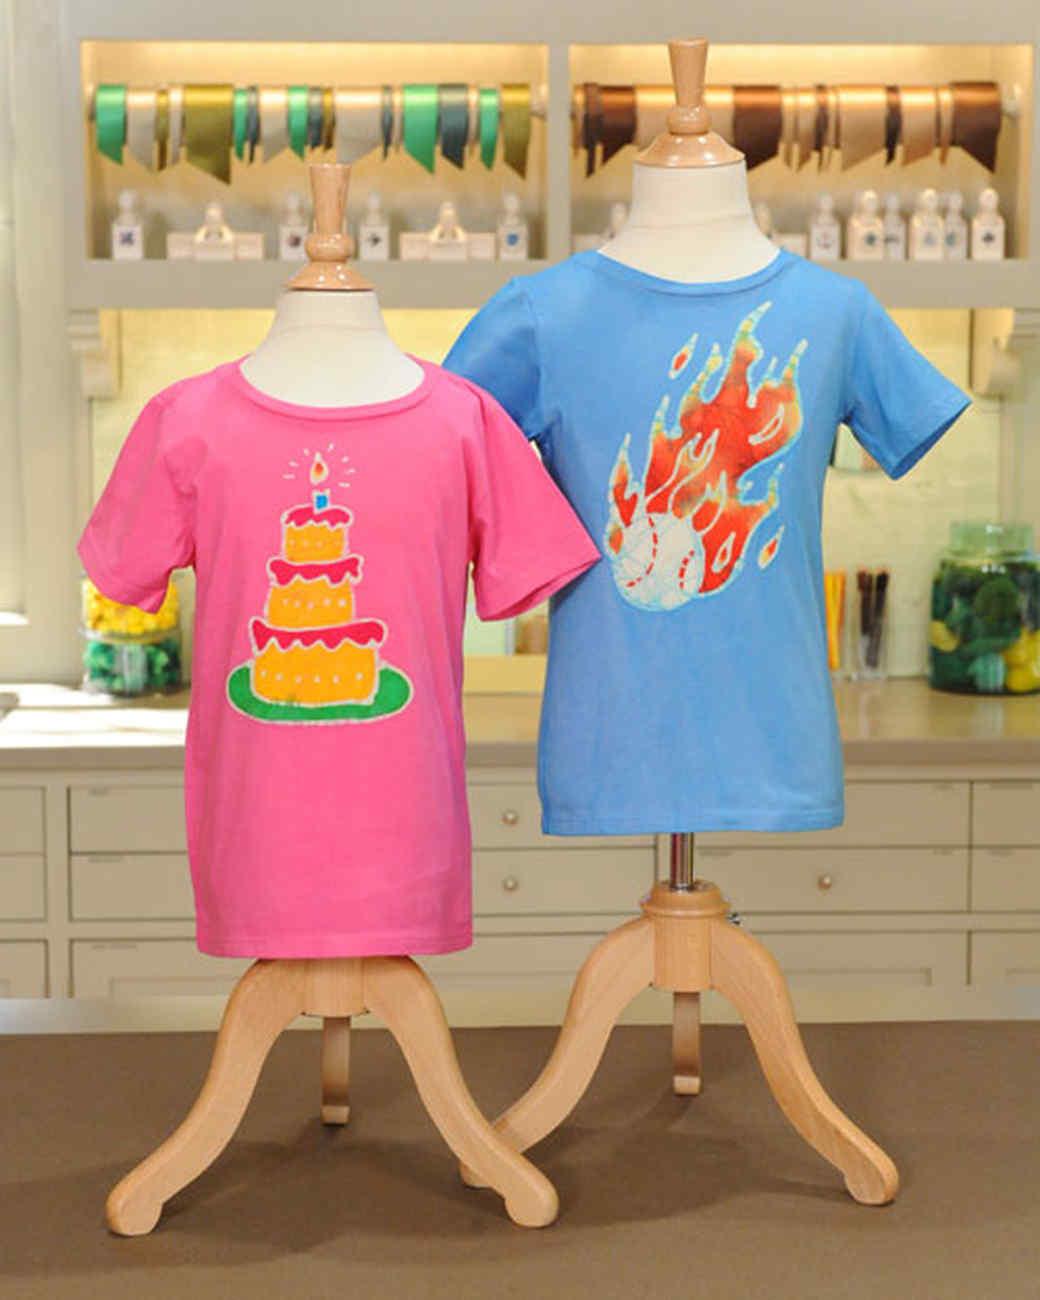 6010_092110_batik_shirts.jpg